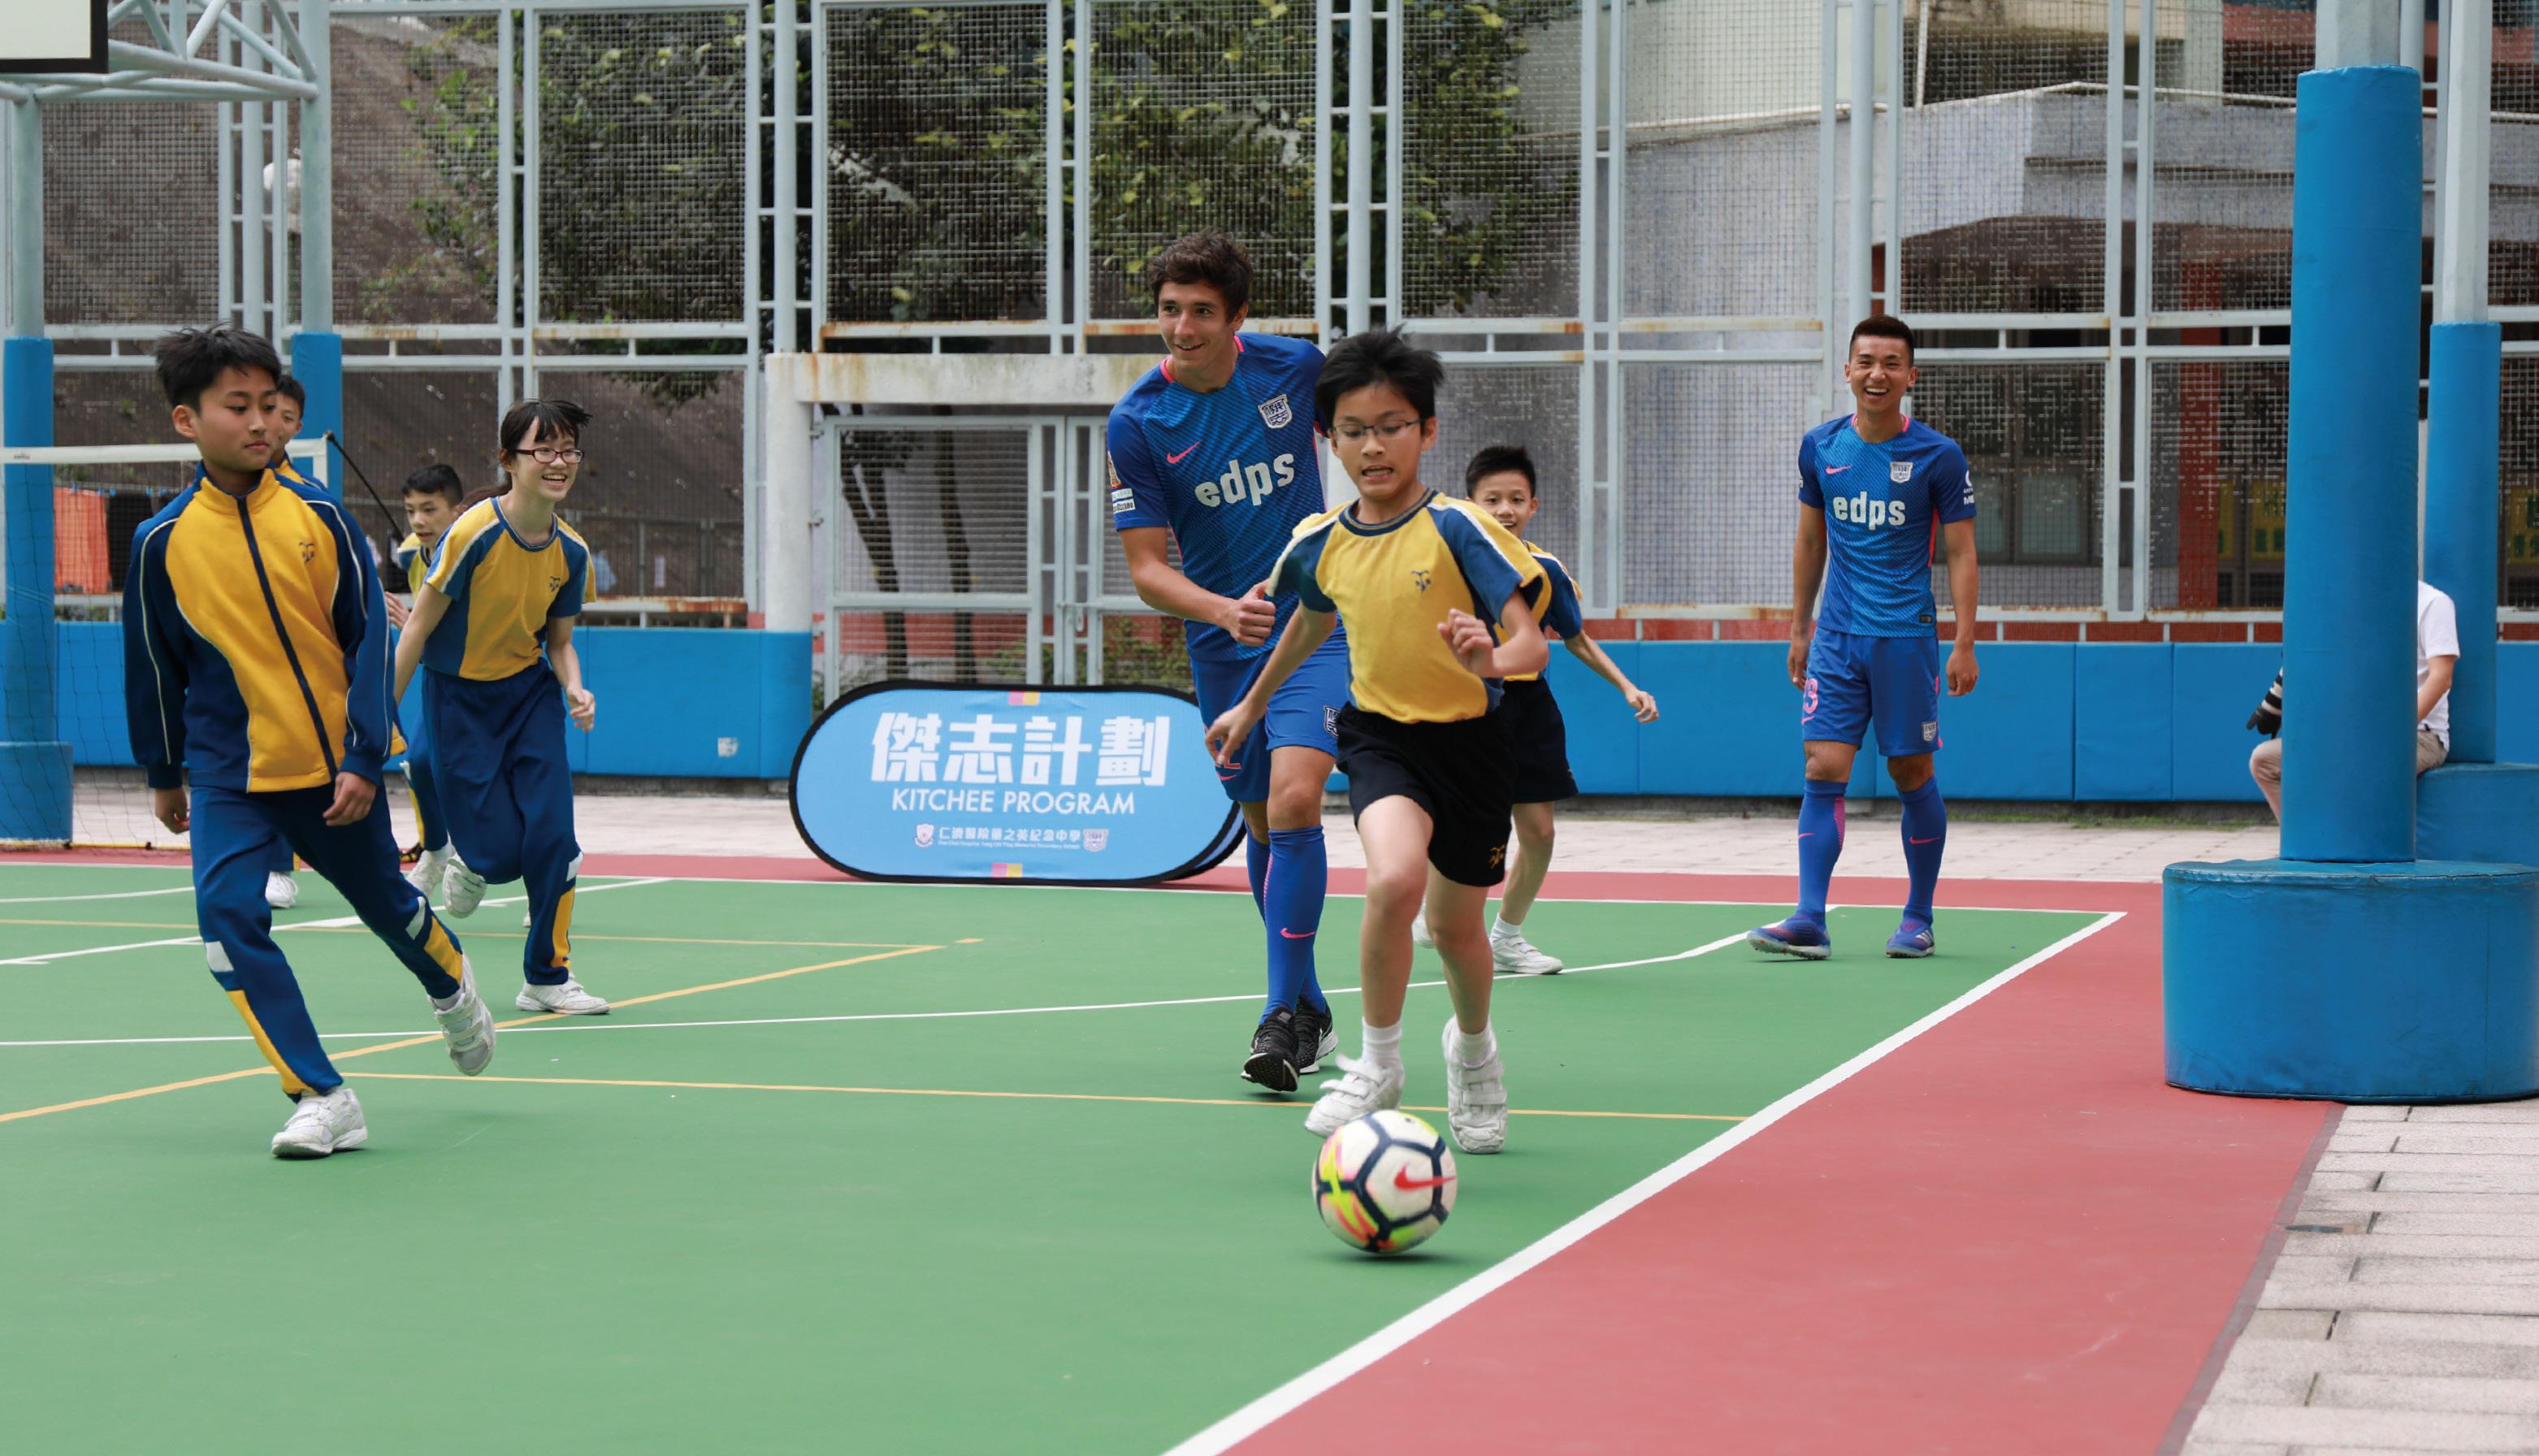 在傑志計劃裏,同學們跟隨職業球員投入訓練。